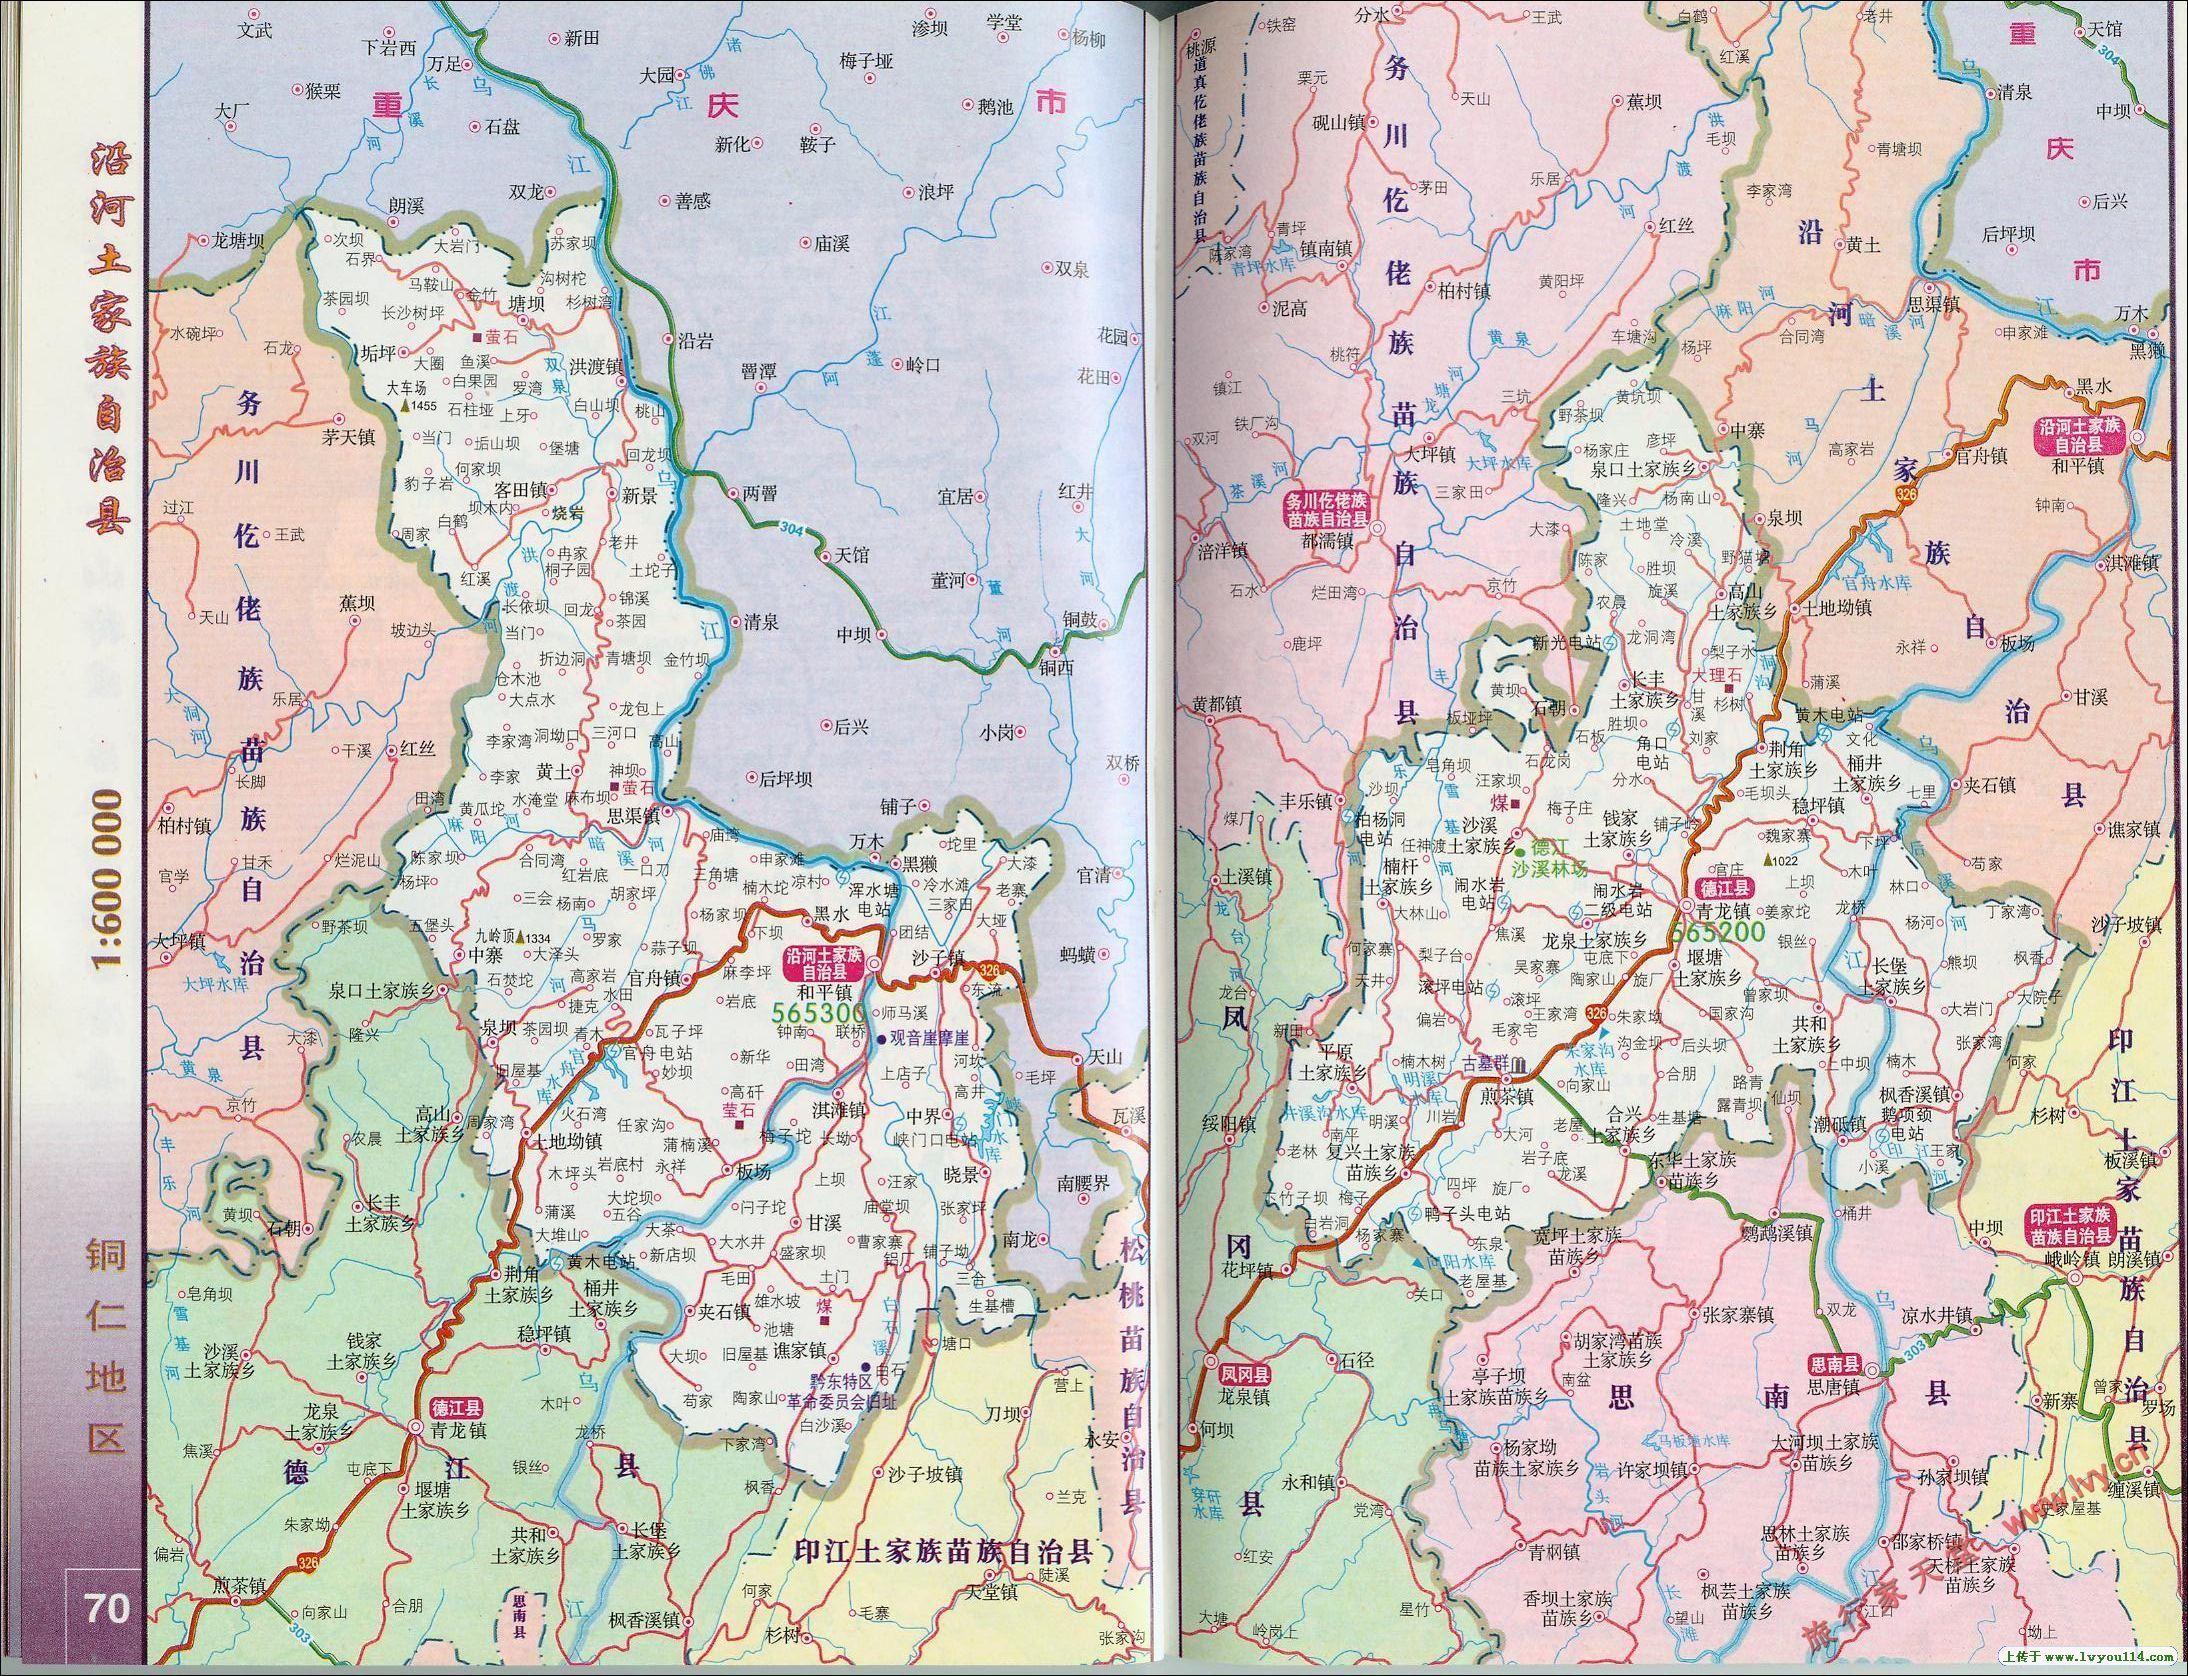 沿河土家族自治县地图